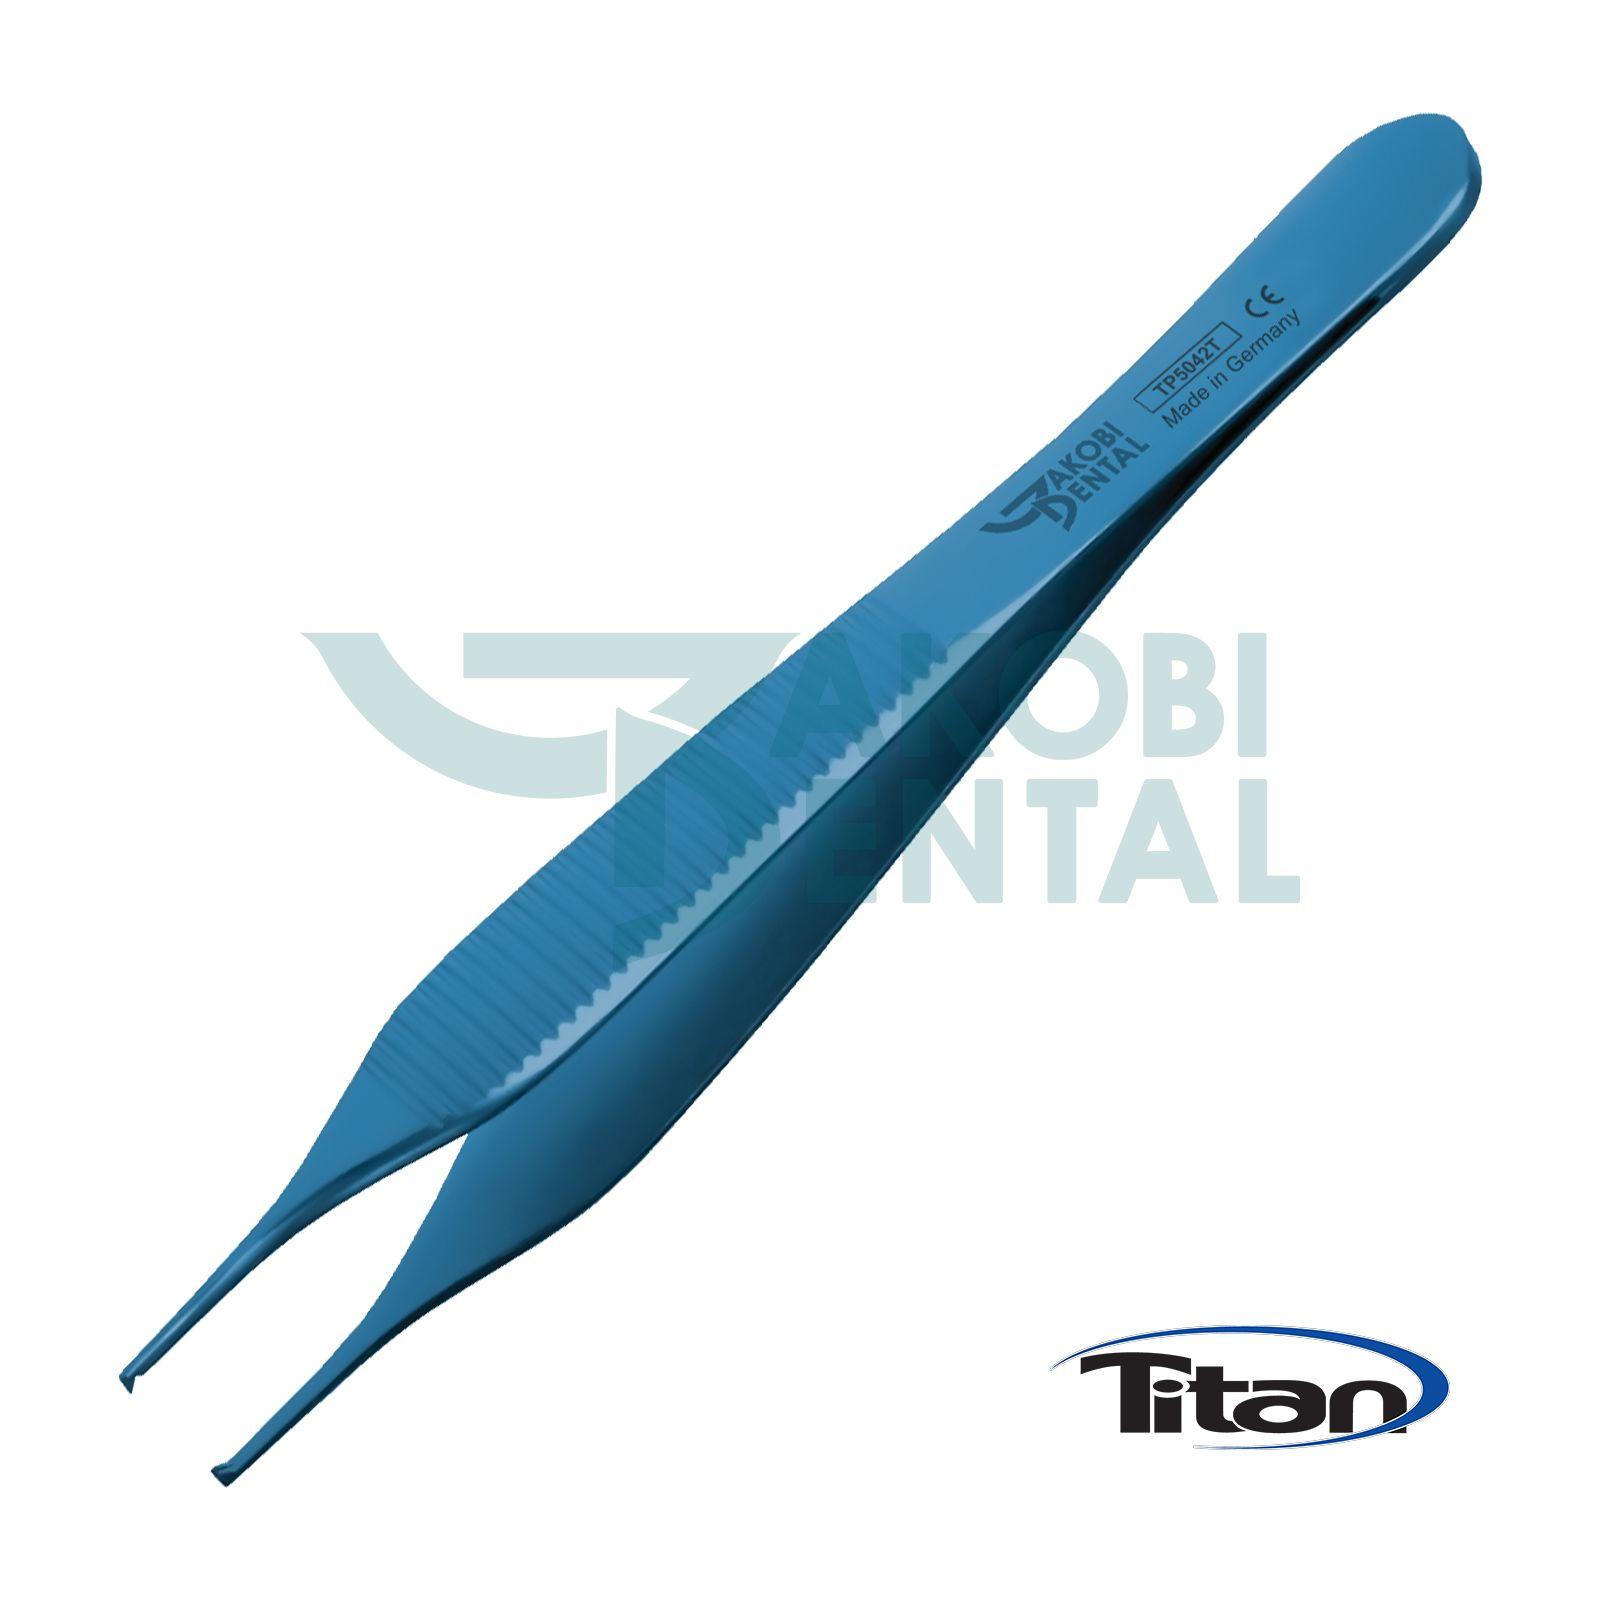 Titan Pinzette Adson, 1x2 Bezahnung, 120mm